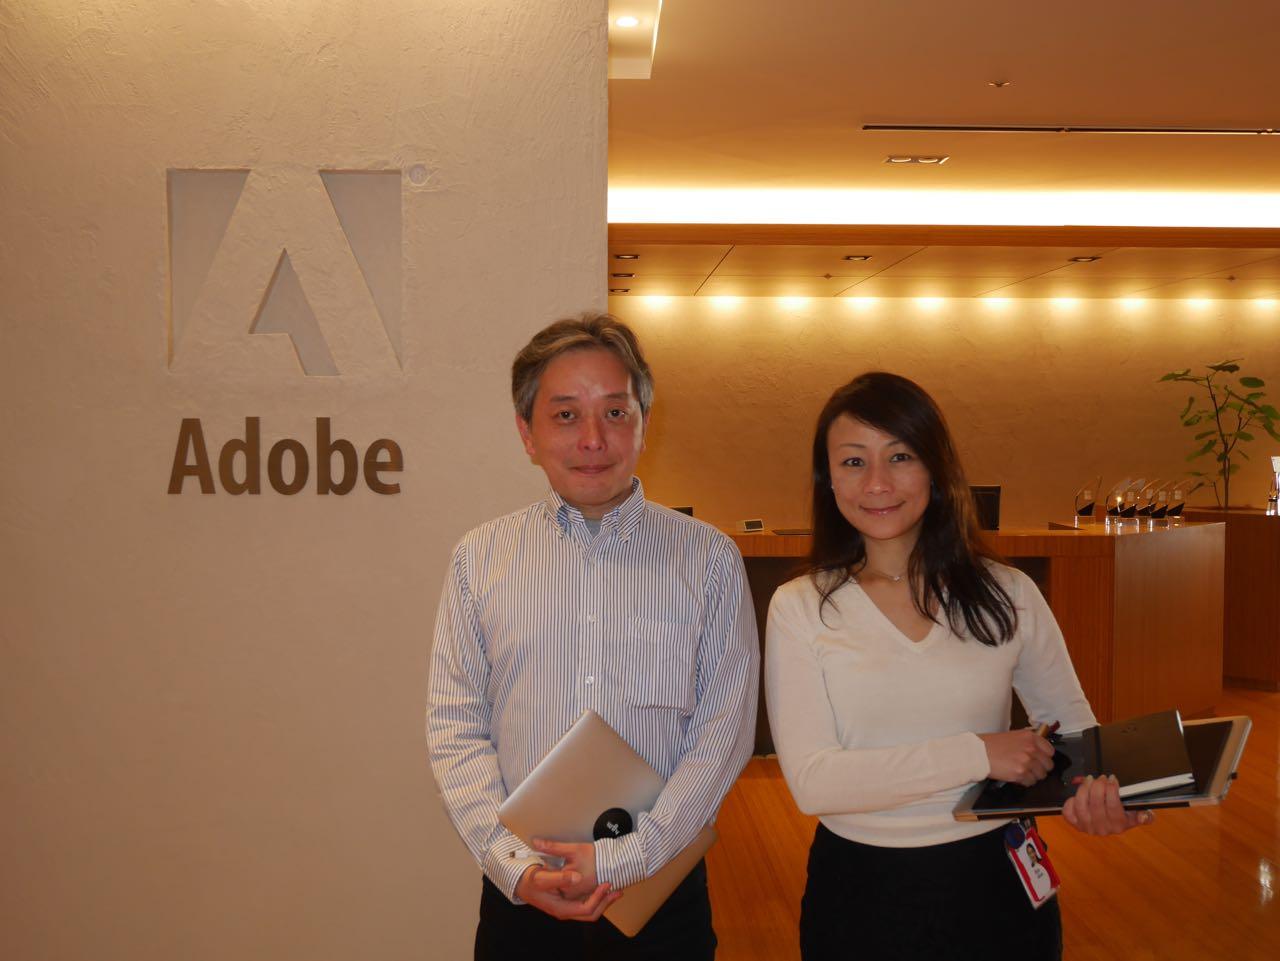 動画配信は、マーケティングの段階に入った〜Adobeの動画配信プラットフォームPrimetimeについて聞いてみた〜